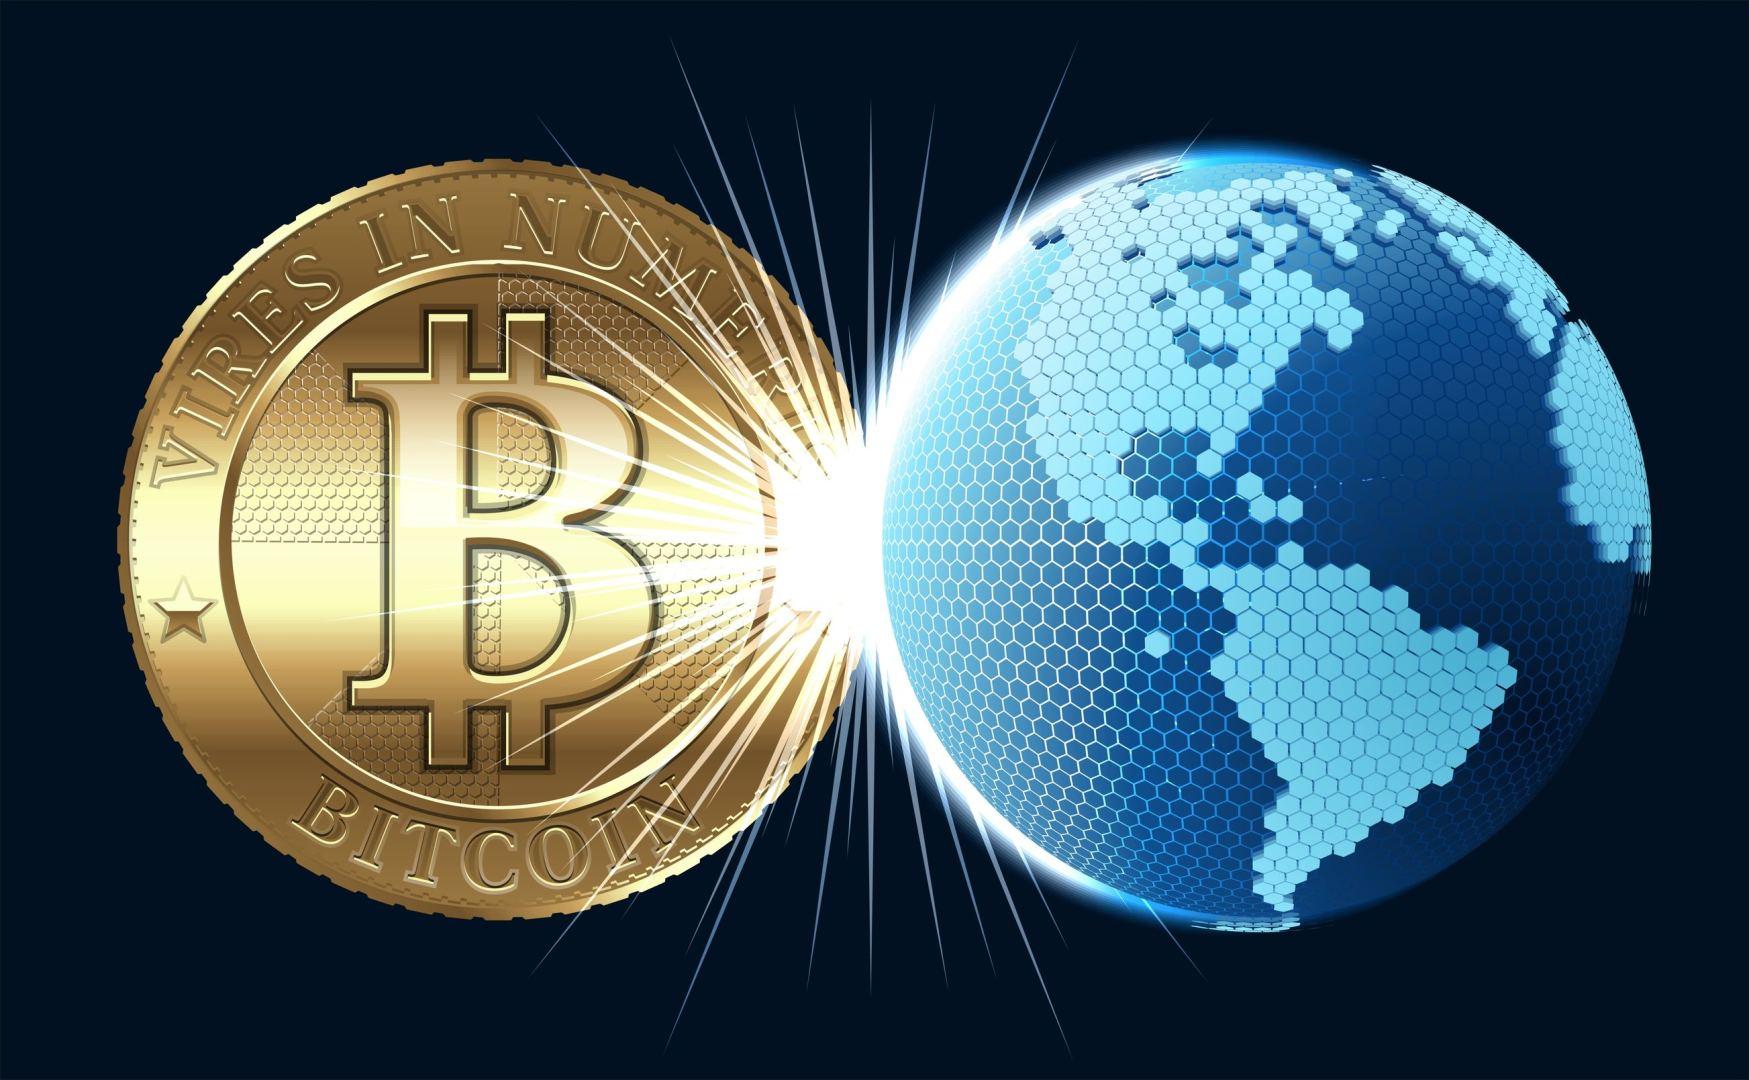 kaip laikyti bitcoin prieš sodinant rudenį